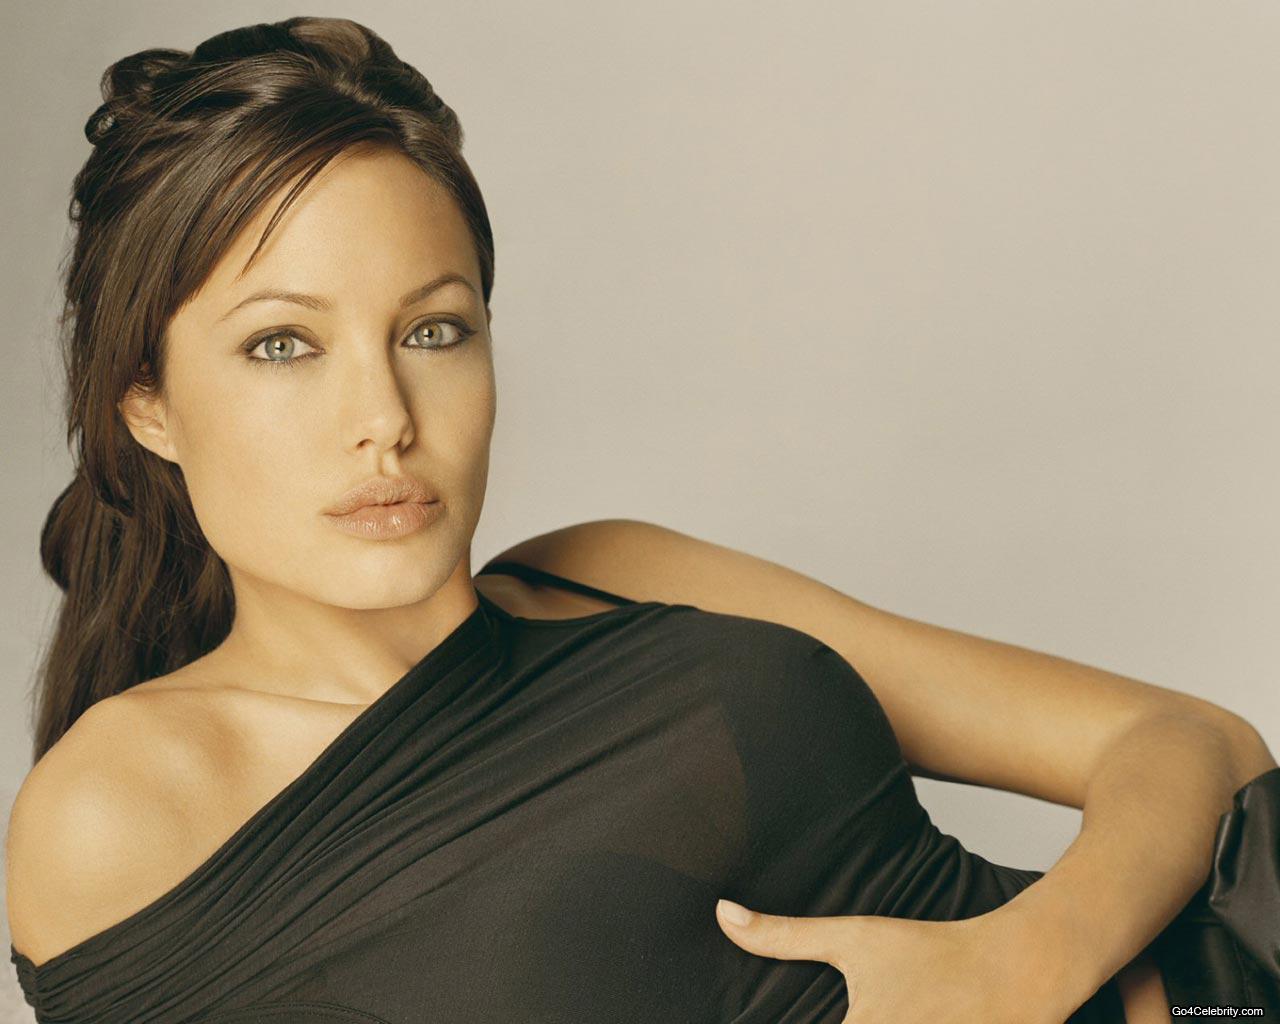 http://3.bp.blogspot.com/-aFs_XjimK5c/TZwdoNfYogI/AAAAAAAAGYw/dbraOtj--So/s1600/Angelina-Jolie-023.jpg